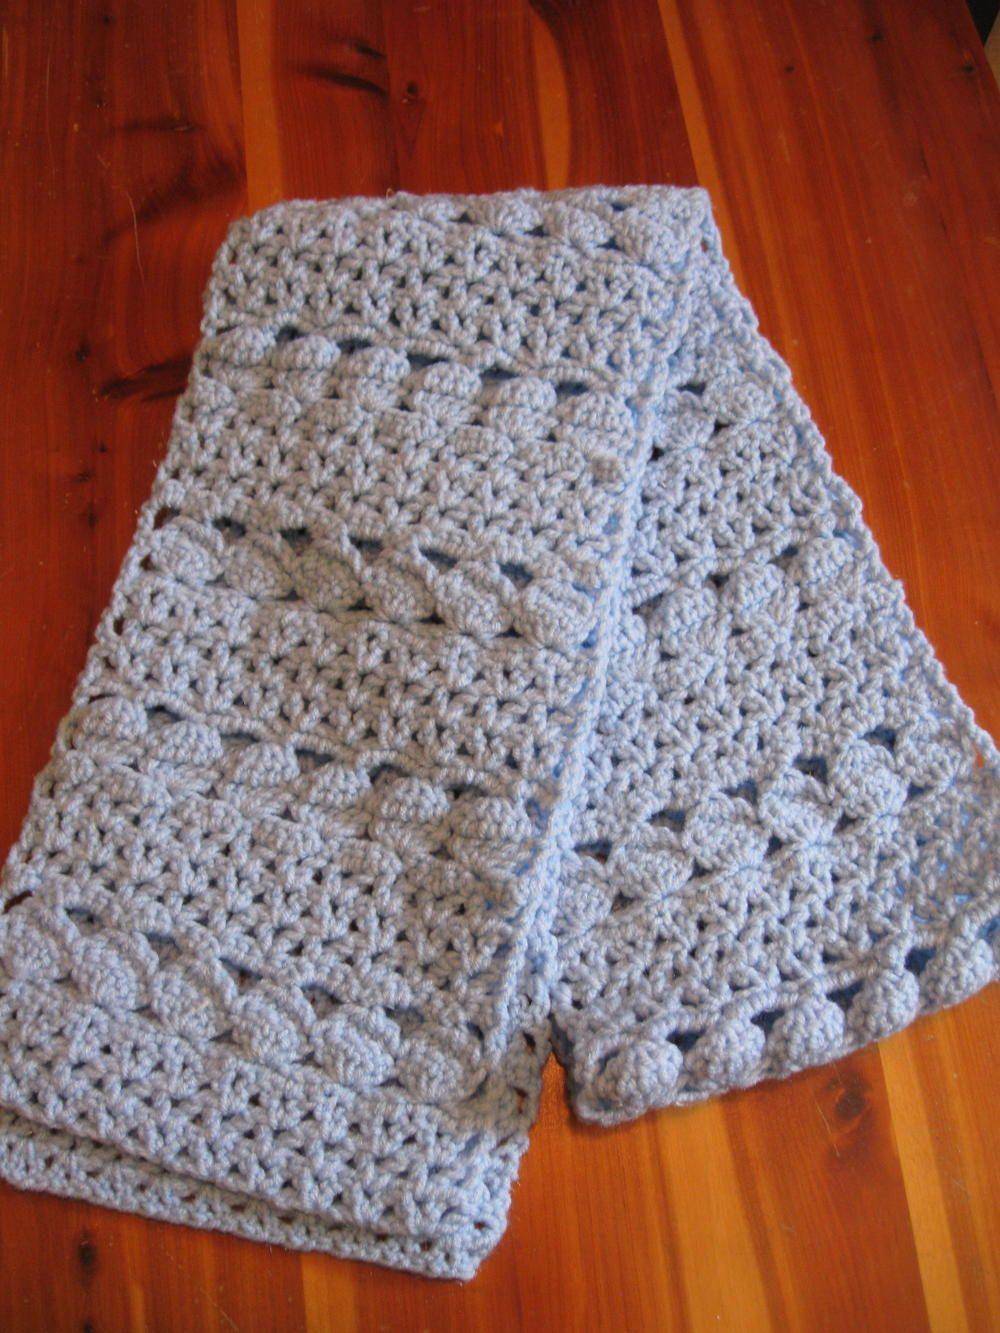 Cozy Blue Crochet Scarf | Puntos crochet, Puntadas y Tejido